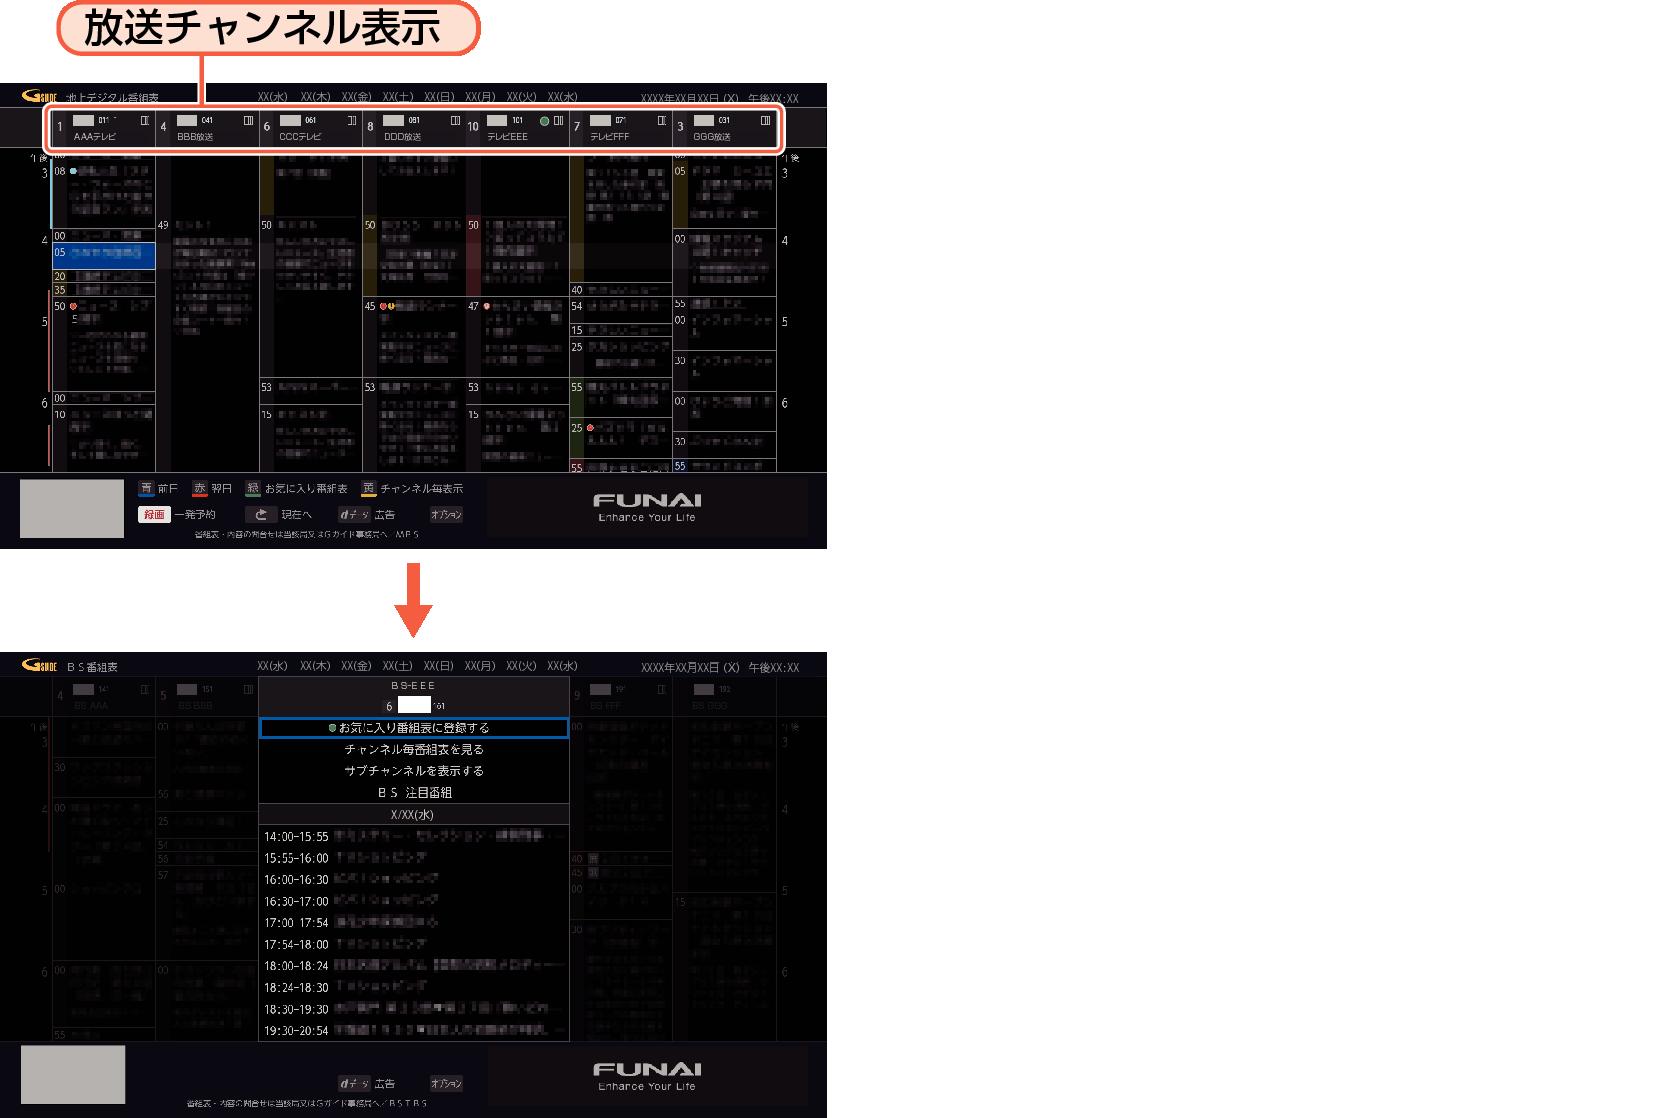 Nhk サブ チャンネル の 見方